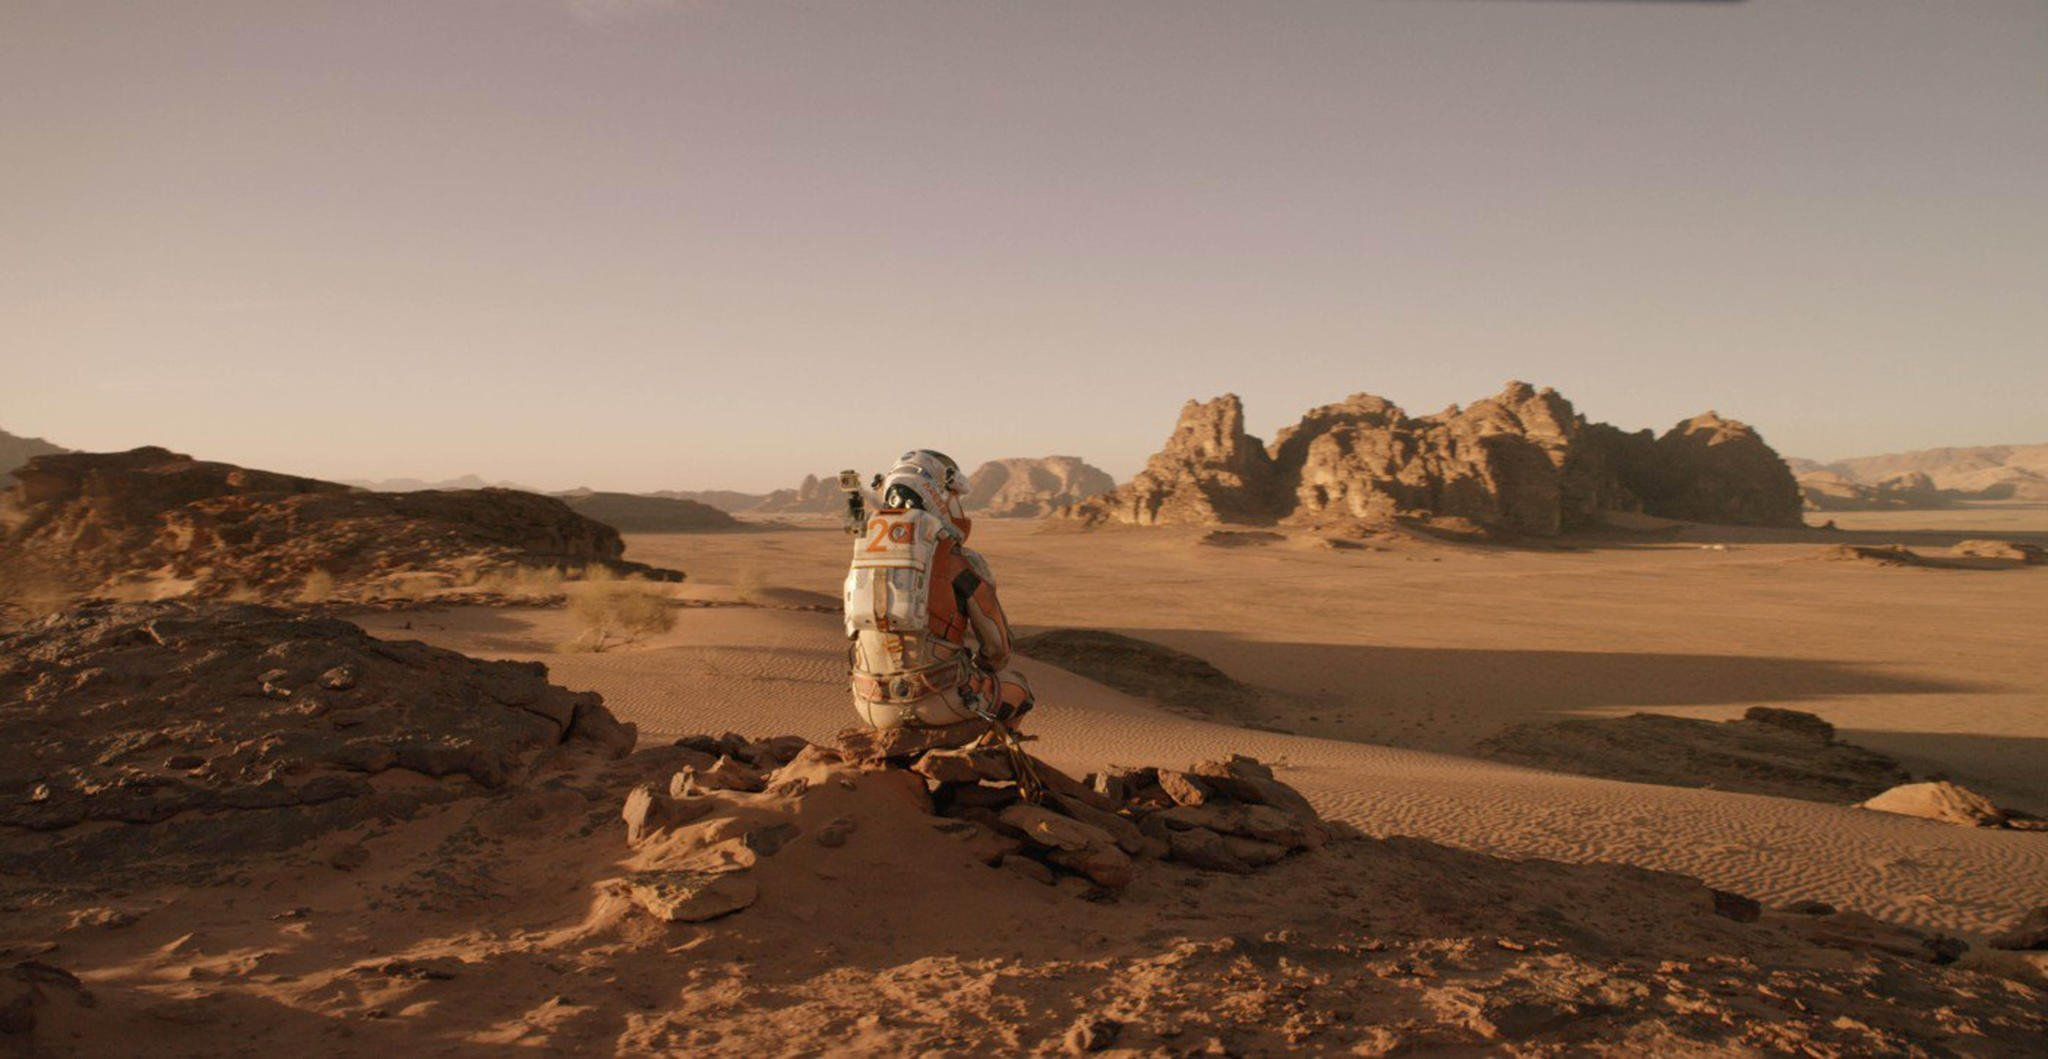 MARS, GEÇMİŞTE DÜNYA'DAKİLERDEN DAHA BÜYÜK NEHİRLERE SAHİP OLABİLİR